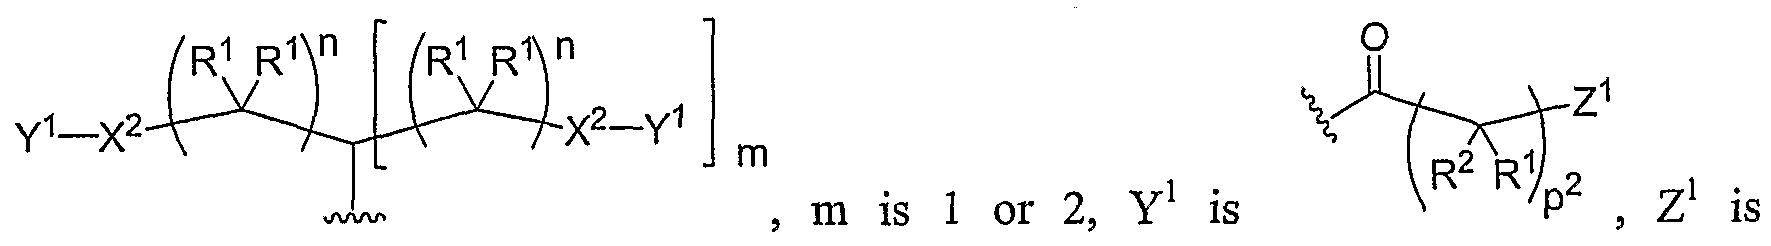 Figure imgf000373_0006